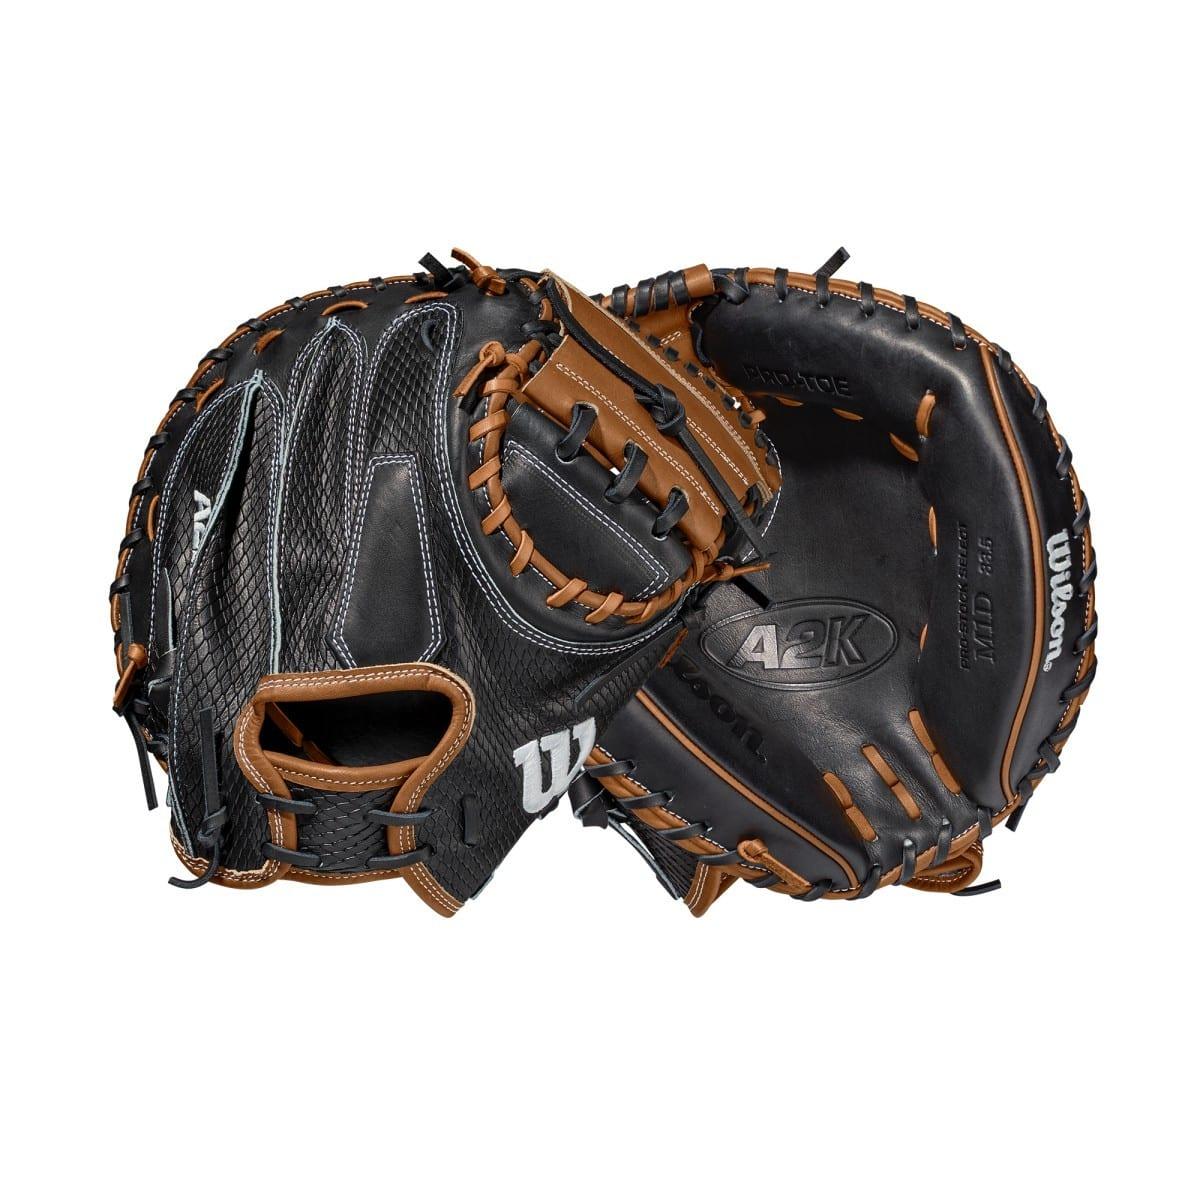 best catchers mitt, overall top pick wilson a2k m1d 2021 model